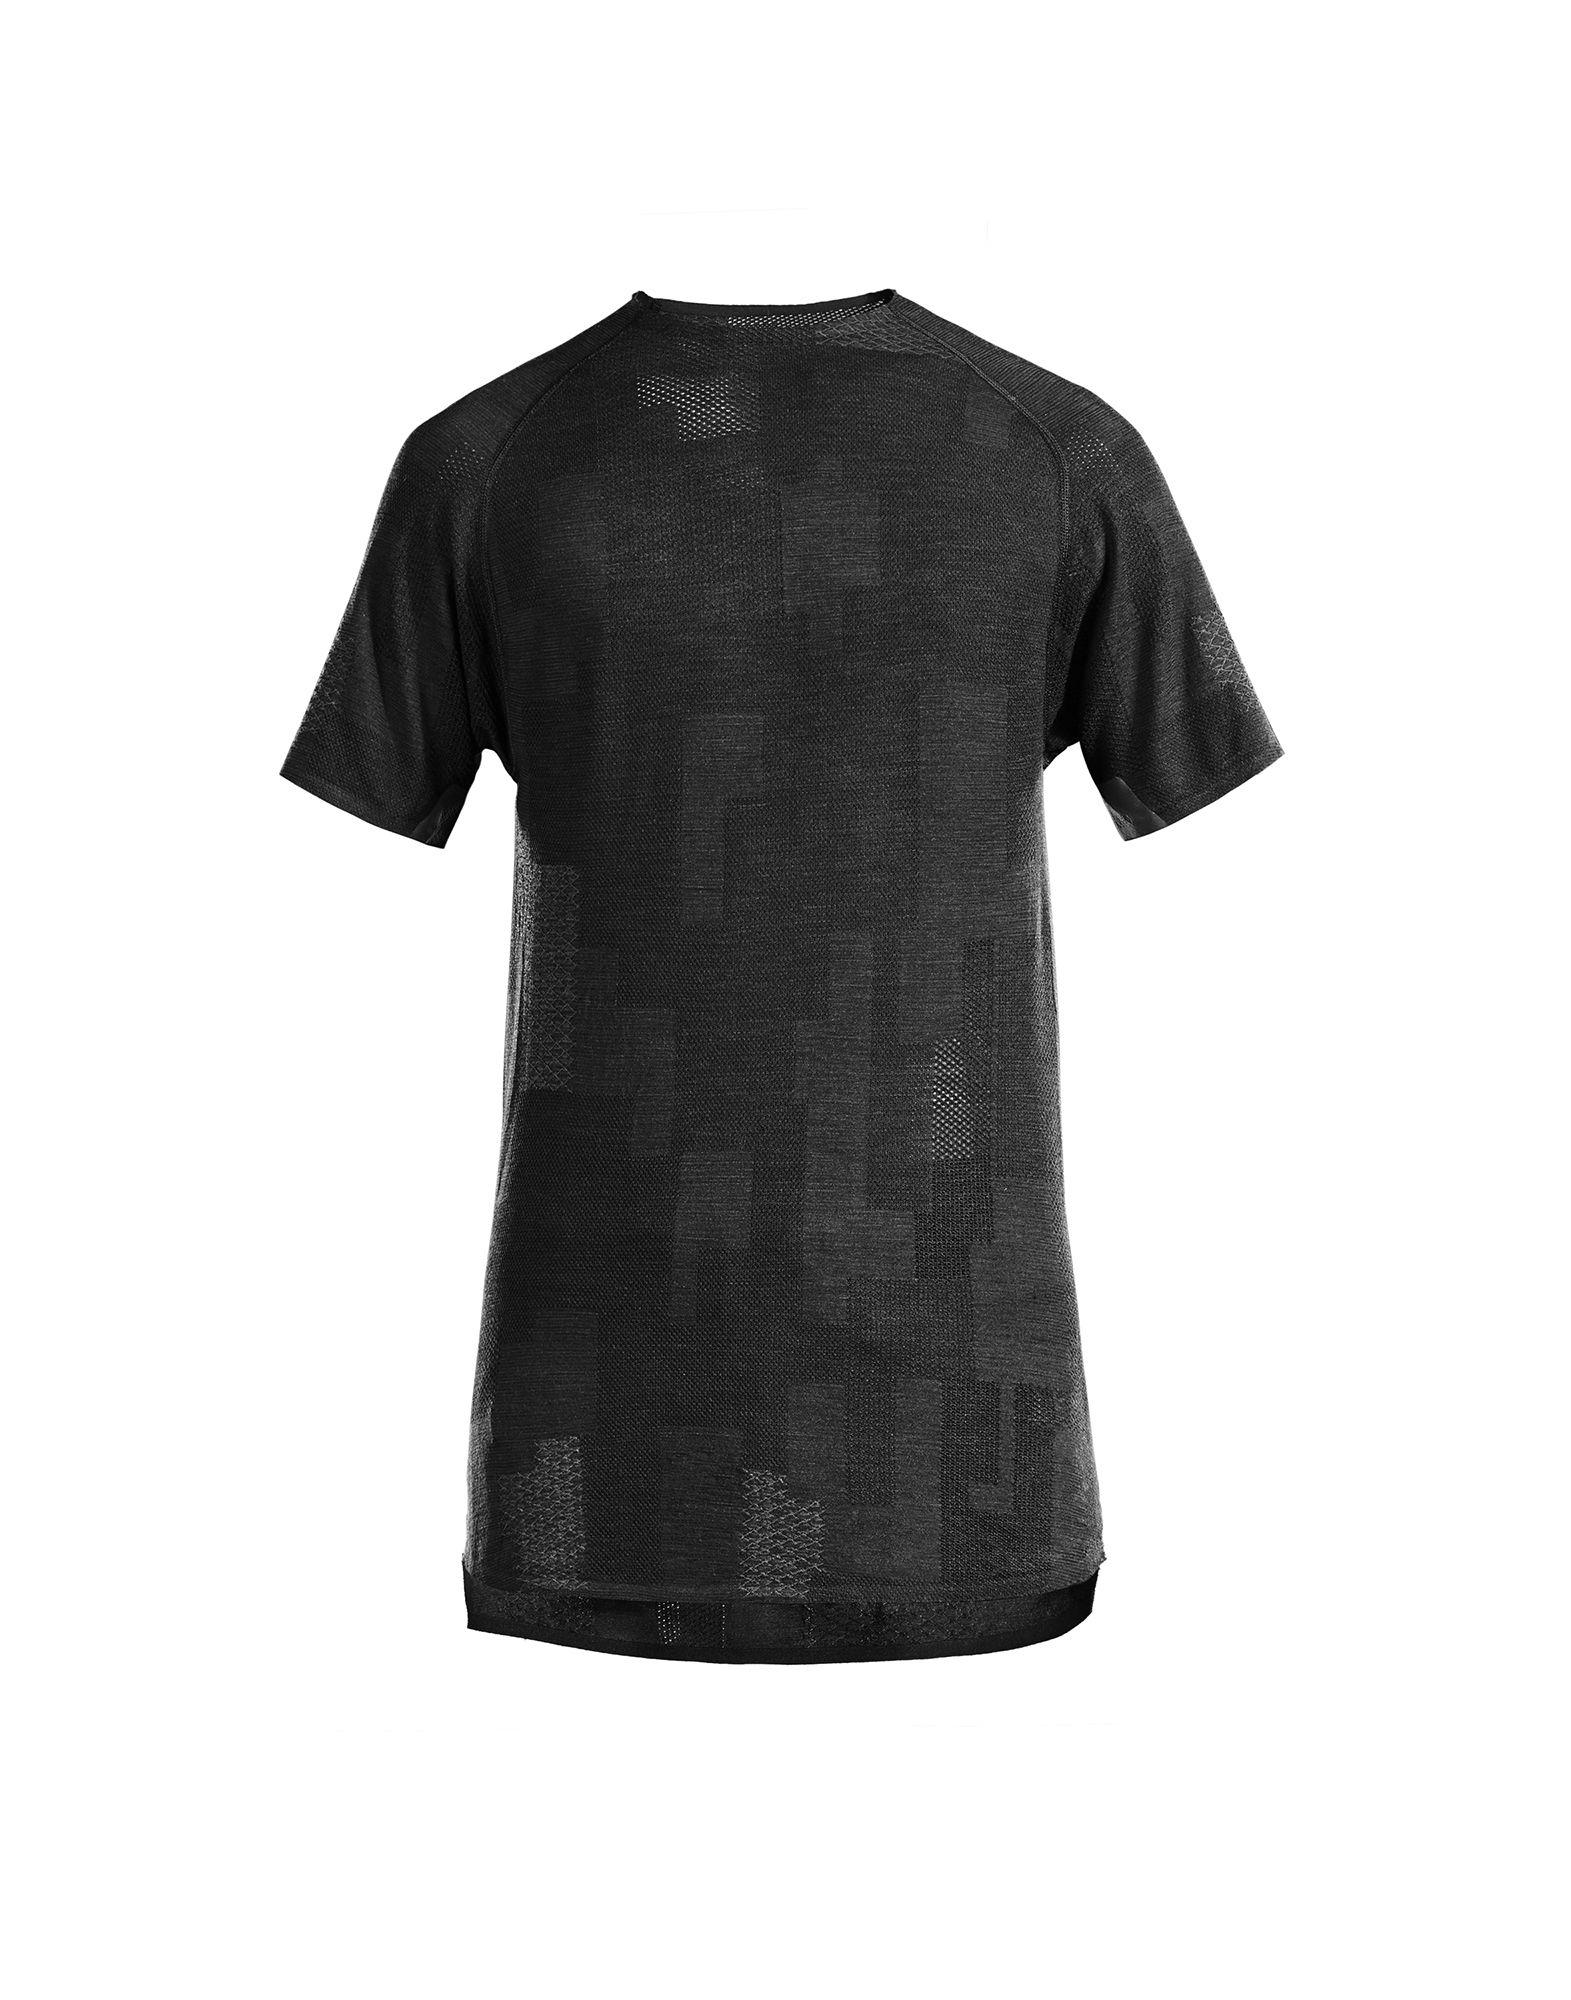 Black t shirt sports - Y 3 Sport Merino Ss T Shirt Tees Polos Man Y 3